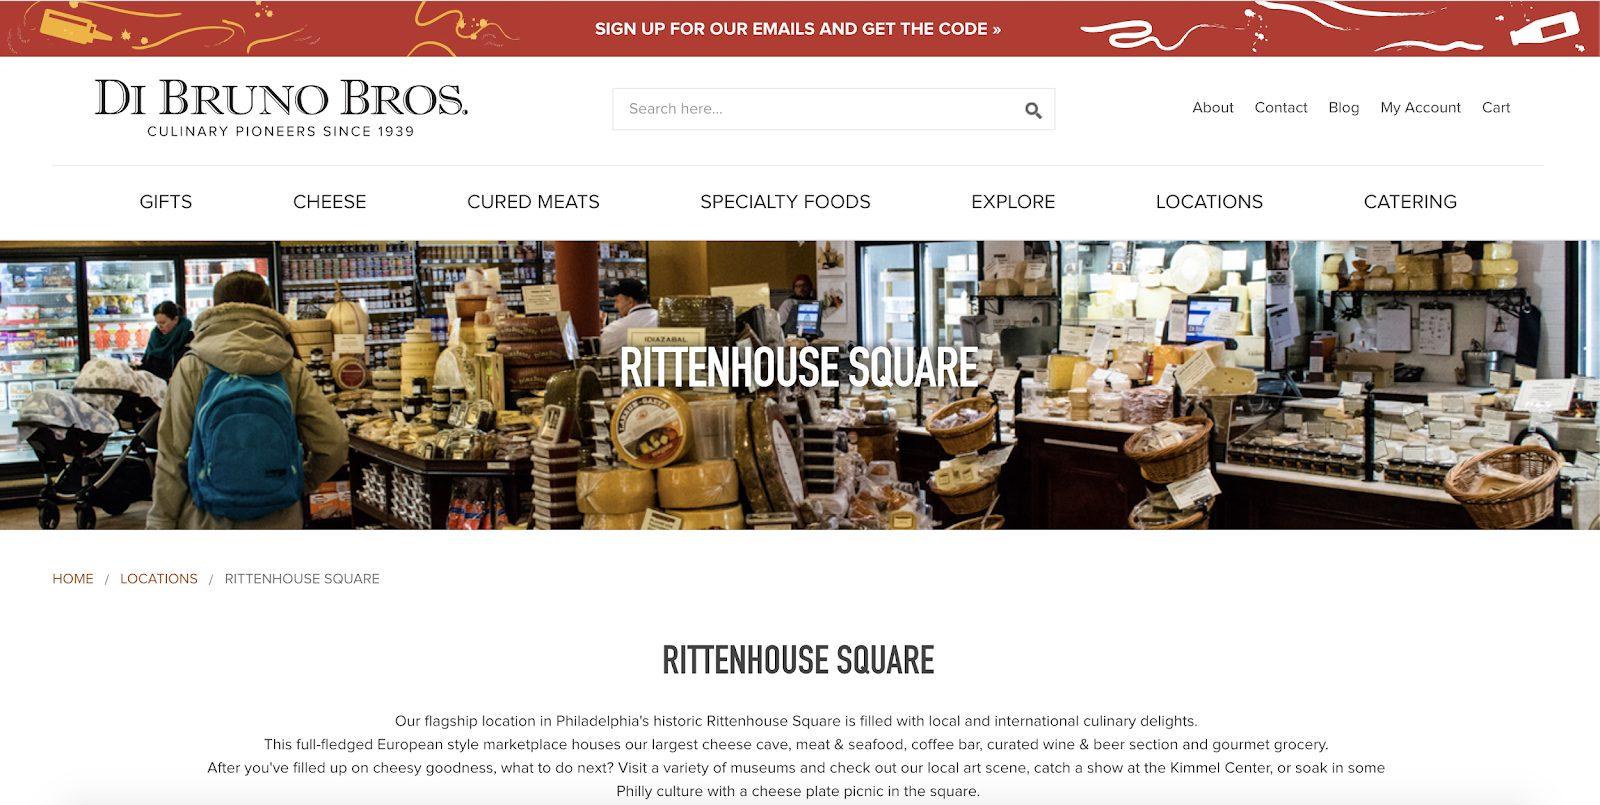 Di Bruno Bros.'s Rittenhouse Square Landing Page